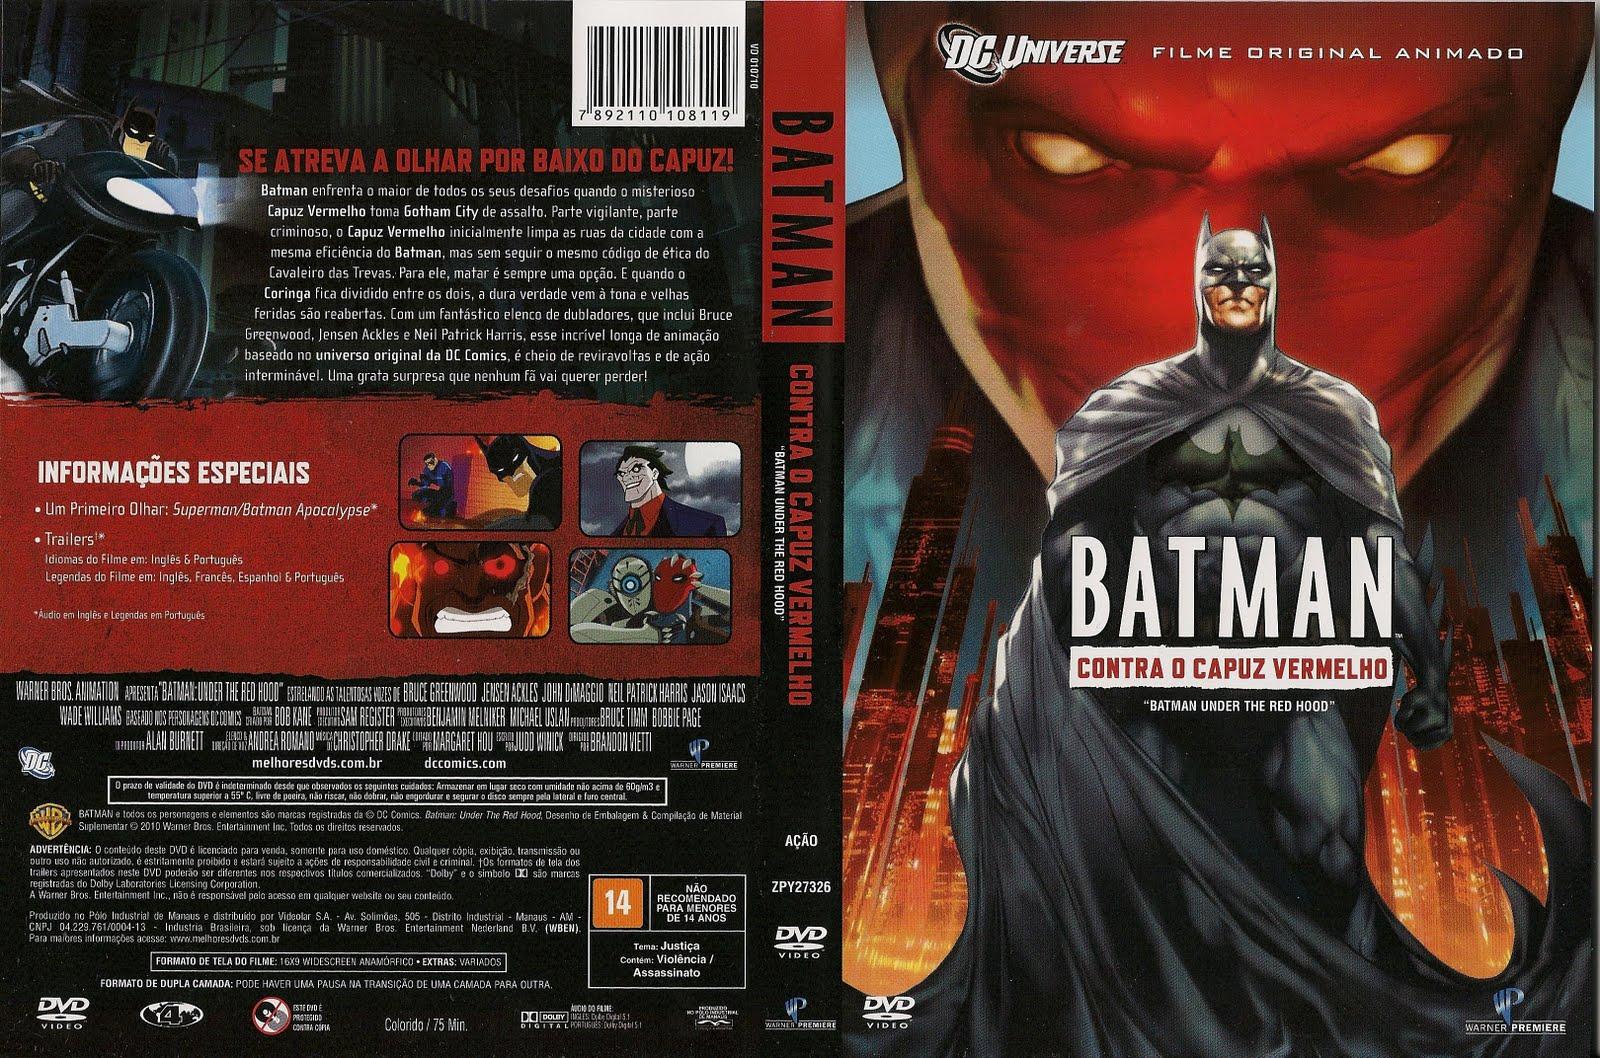 Torrent - Batman Contra o Capuz Vermelho Blu-ray rip 720p e 1080p Dual Áudio 5.1 (2010)